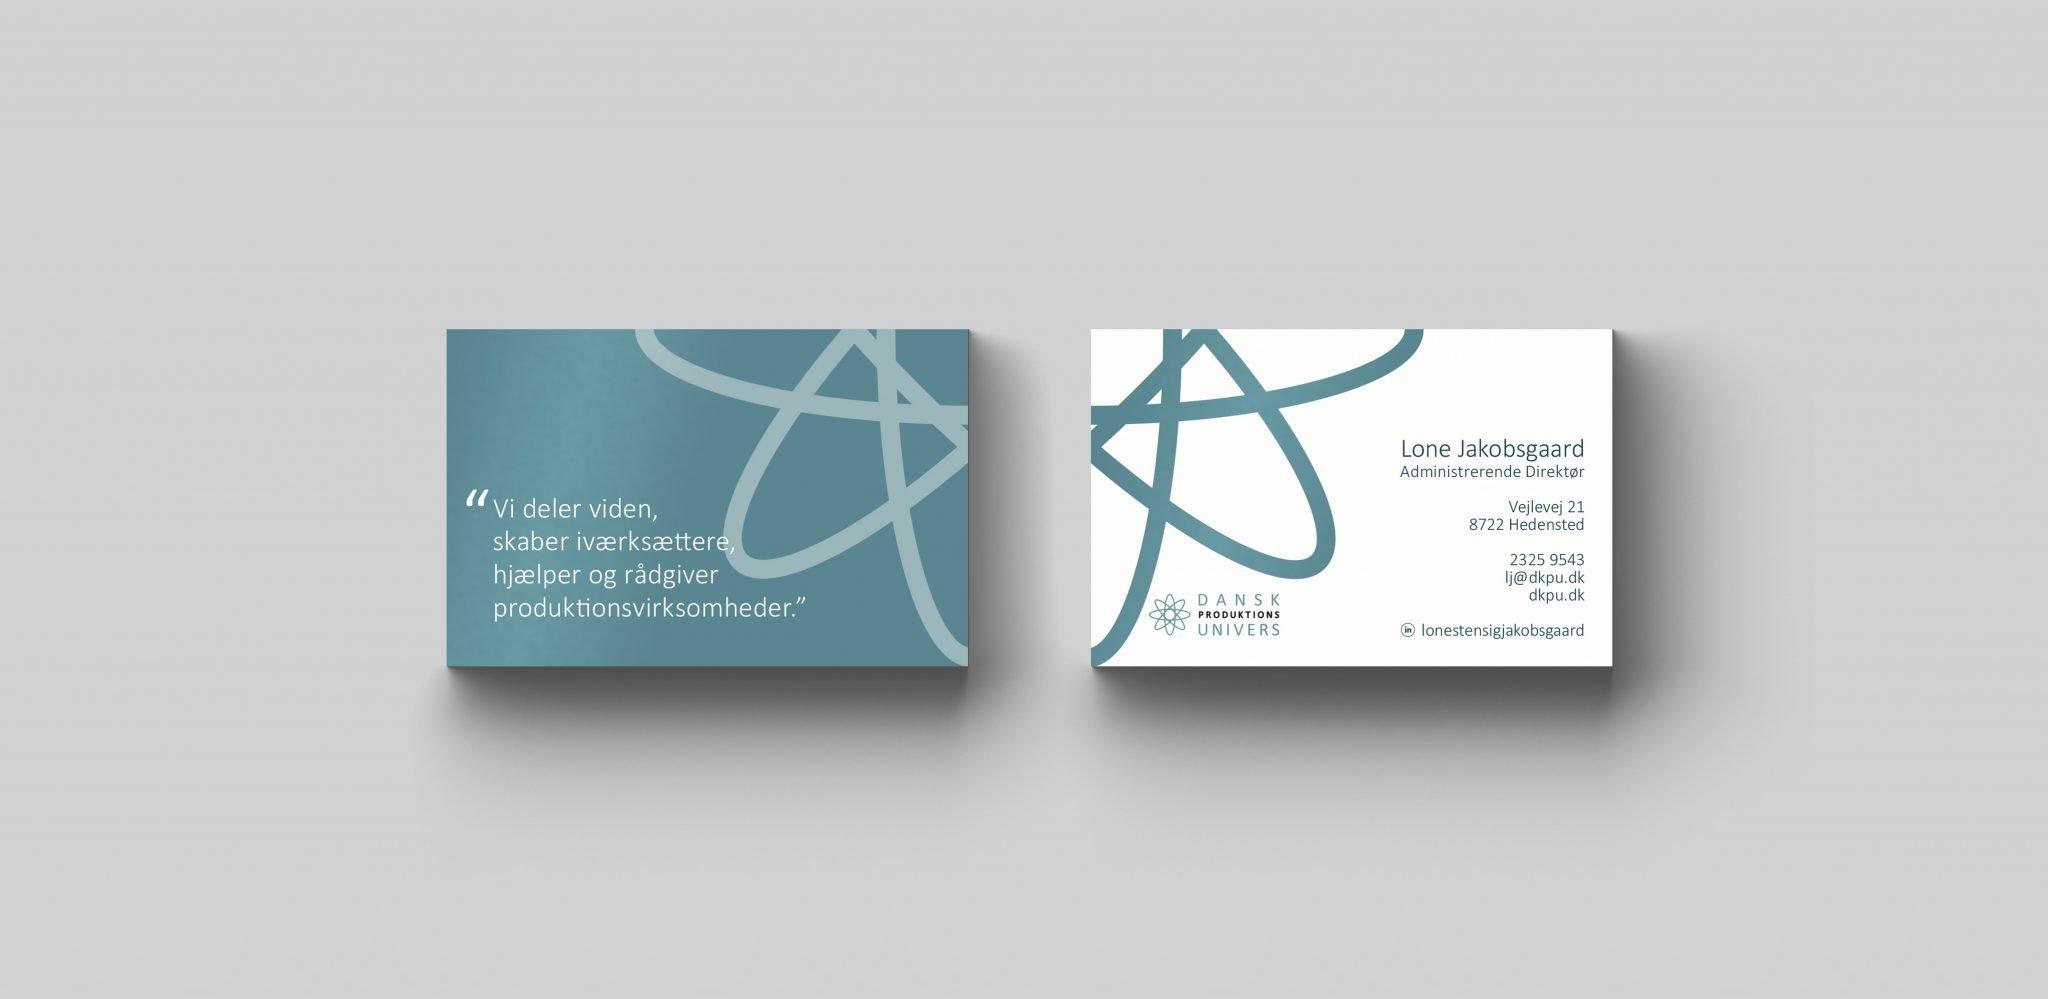 dkpu-card.jpg